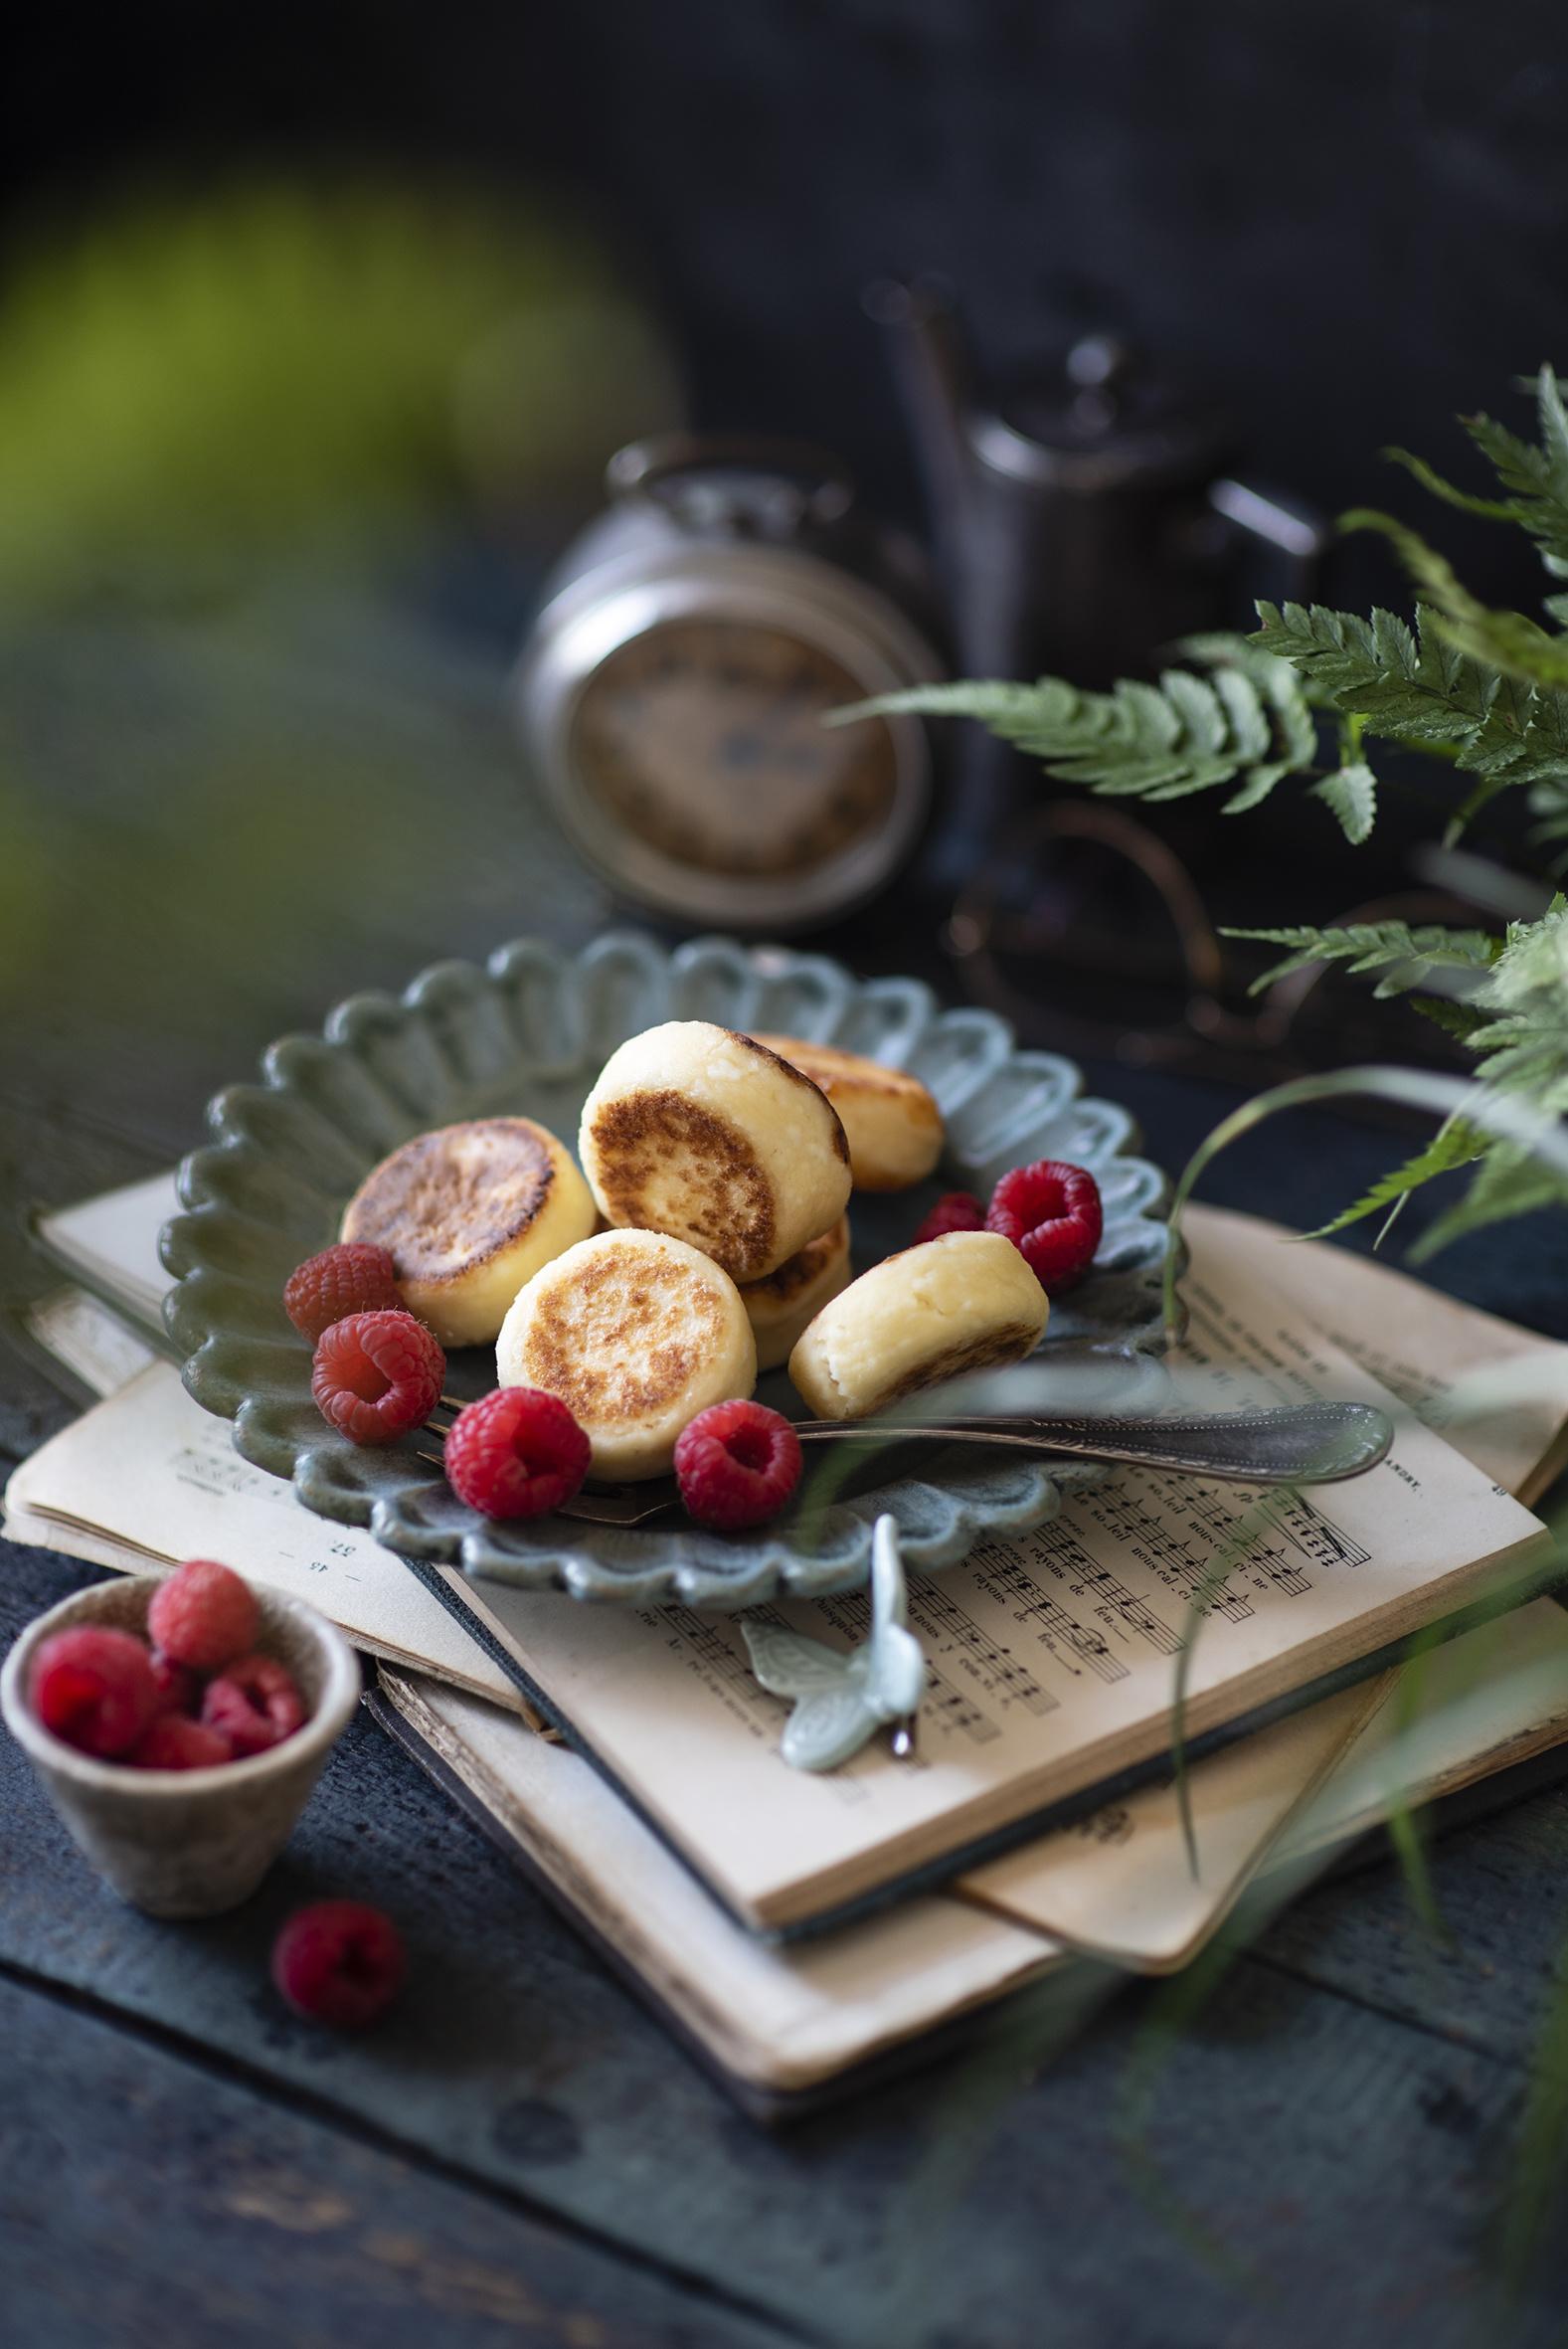 Desktop Hintergrundbilder Syrniki Himbeeren Bücher das Essen Bretter  für Handy Buch Lebensmittel